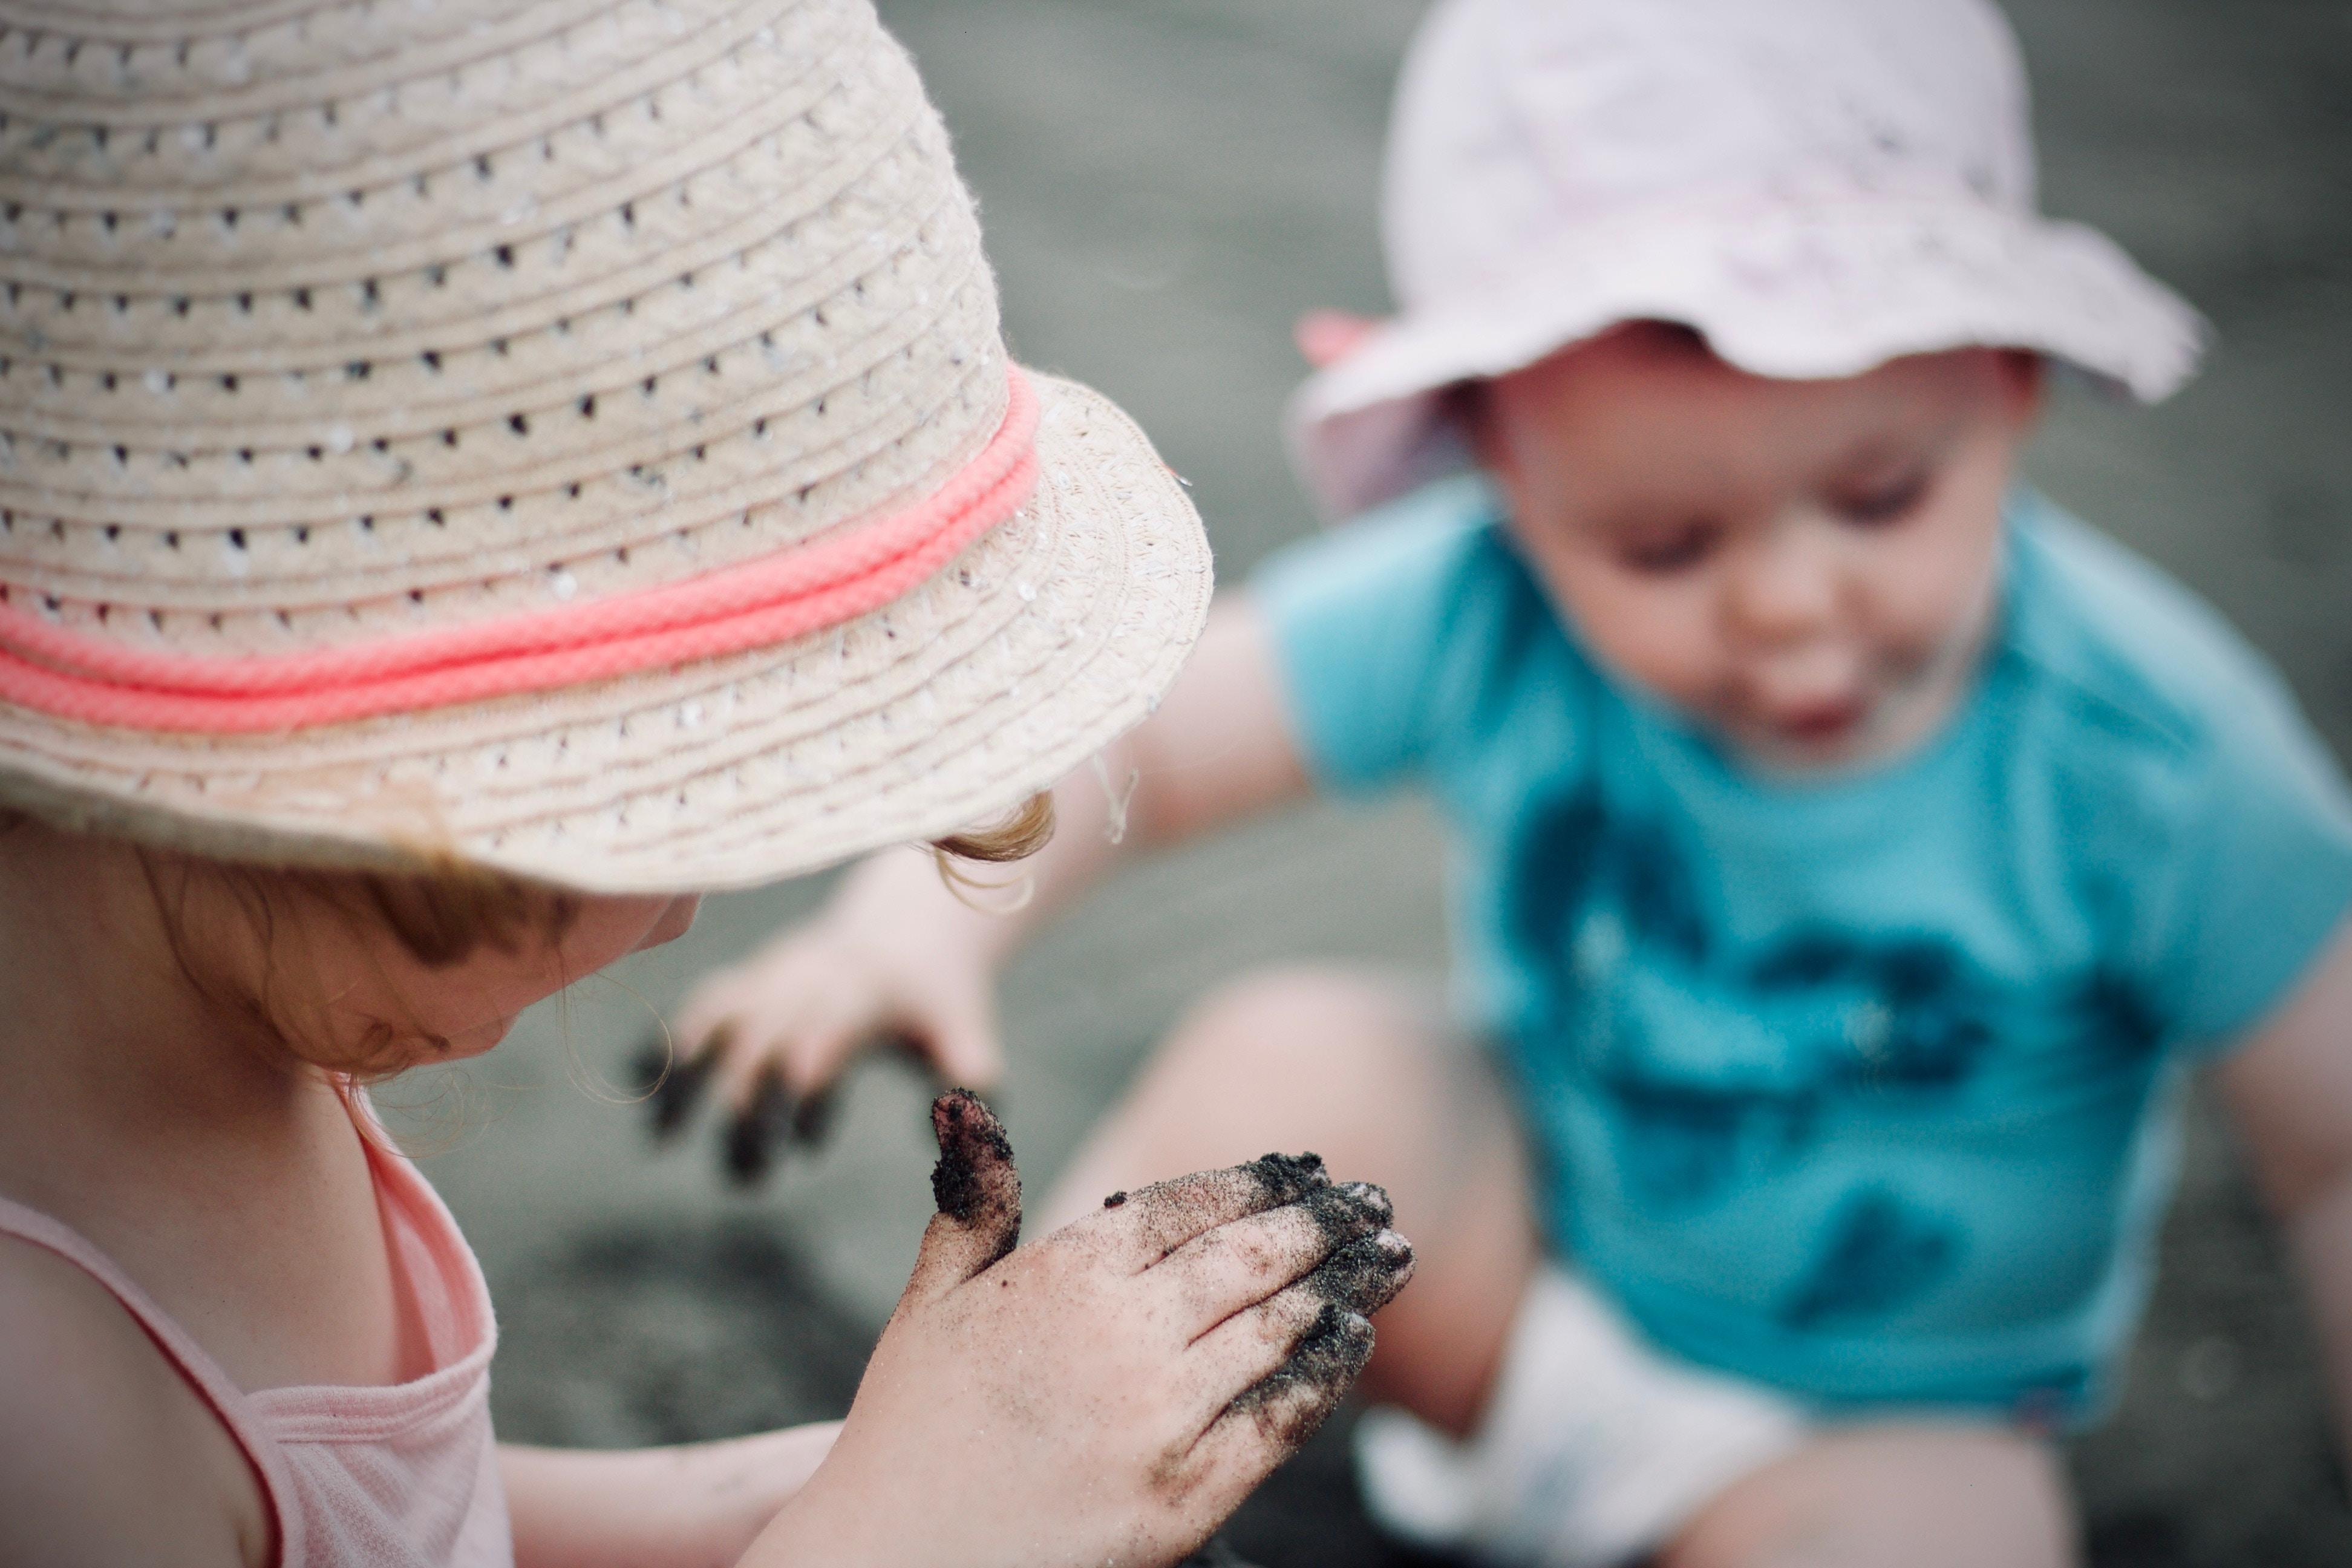 child support in san diego